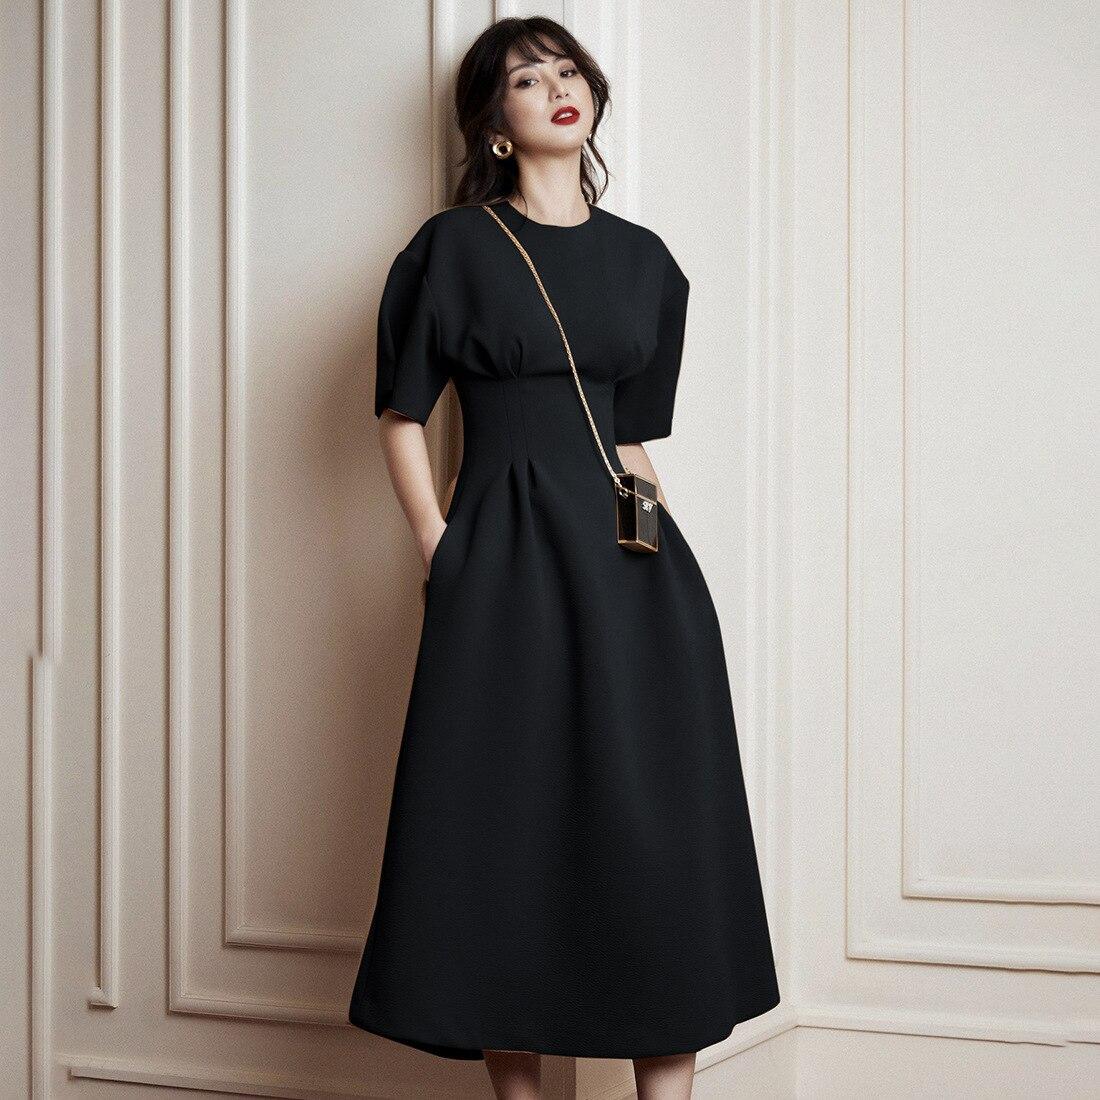 Midi robe trapèze femmes OL vêtements 2019 travail fête nuit manches bouffantes robes noir rouge bordeaux Vintage vacances robe d'été